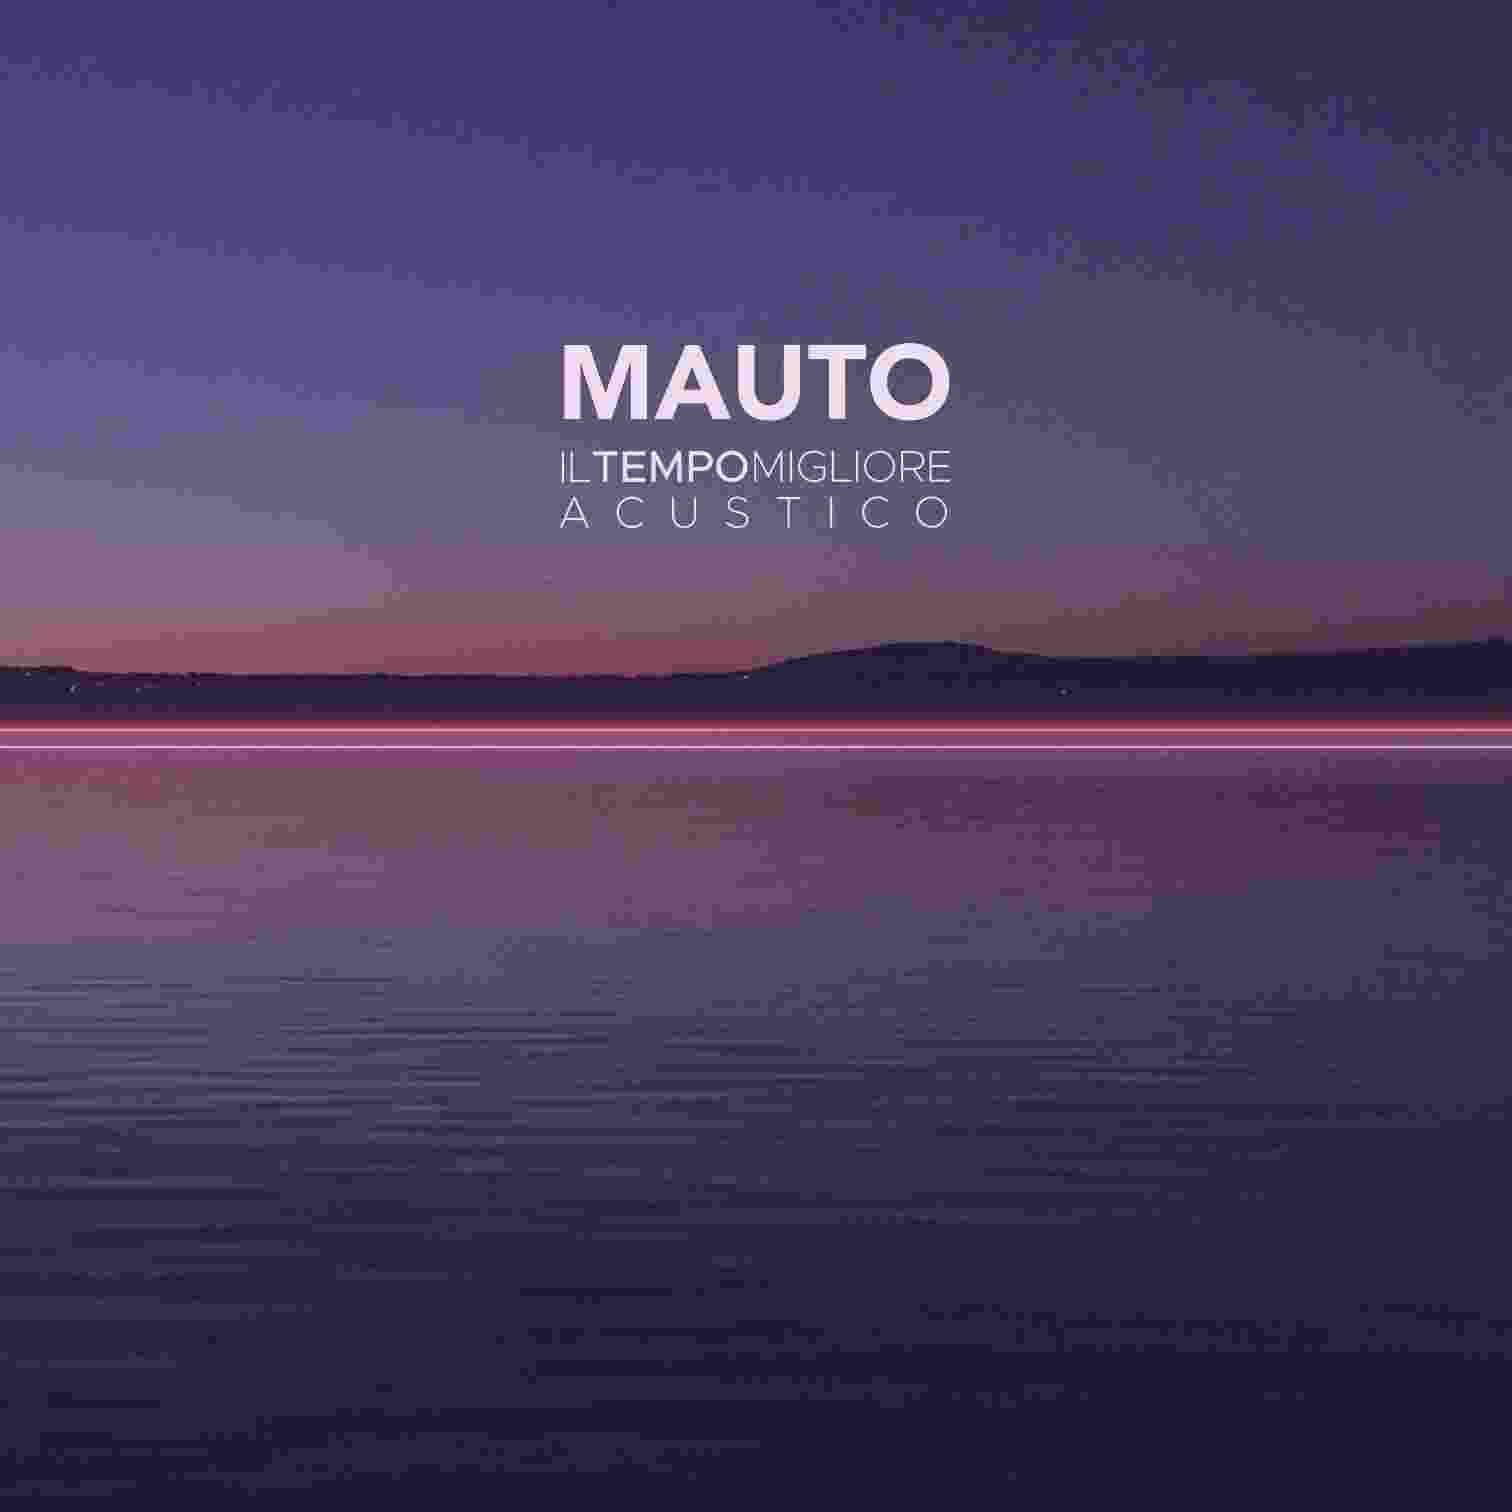 """MAUTO, """"Il tempo migliore - Acustico"""" è il secondo capitolo del concept album anticipato da una studio version"""